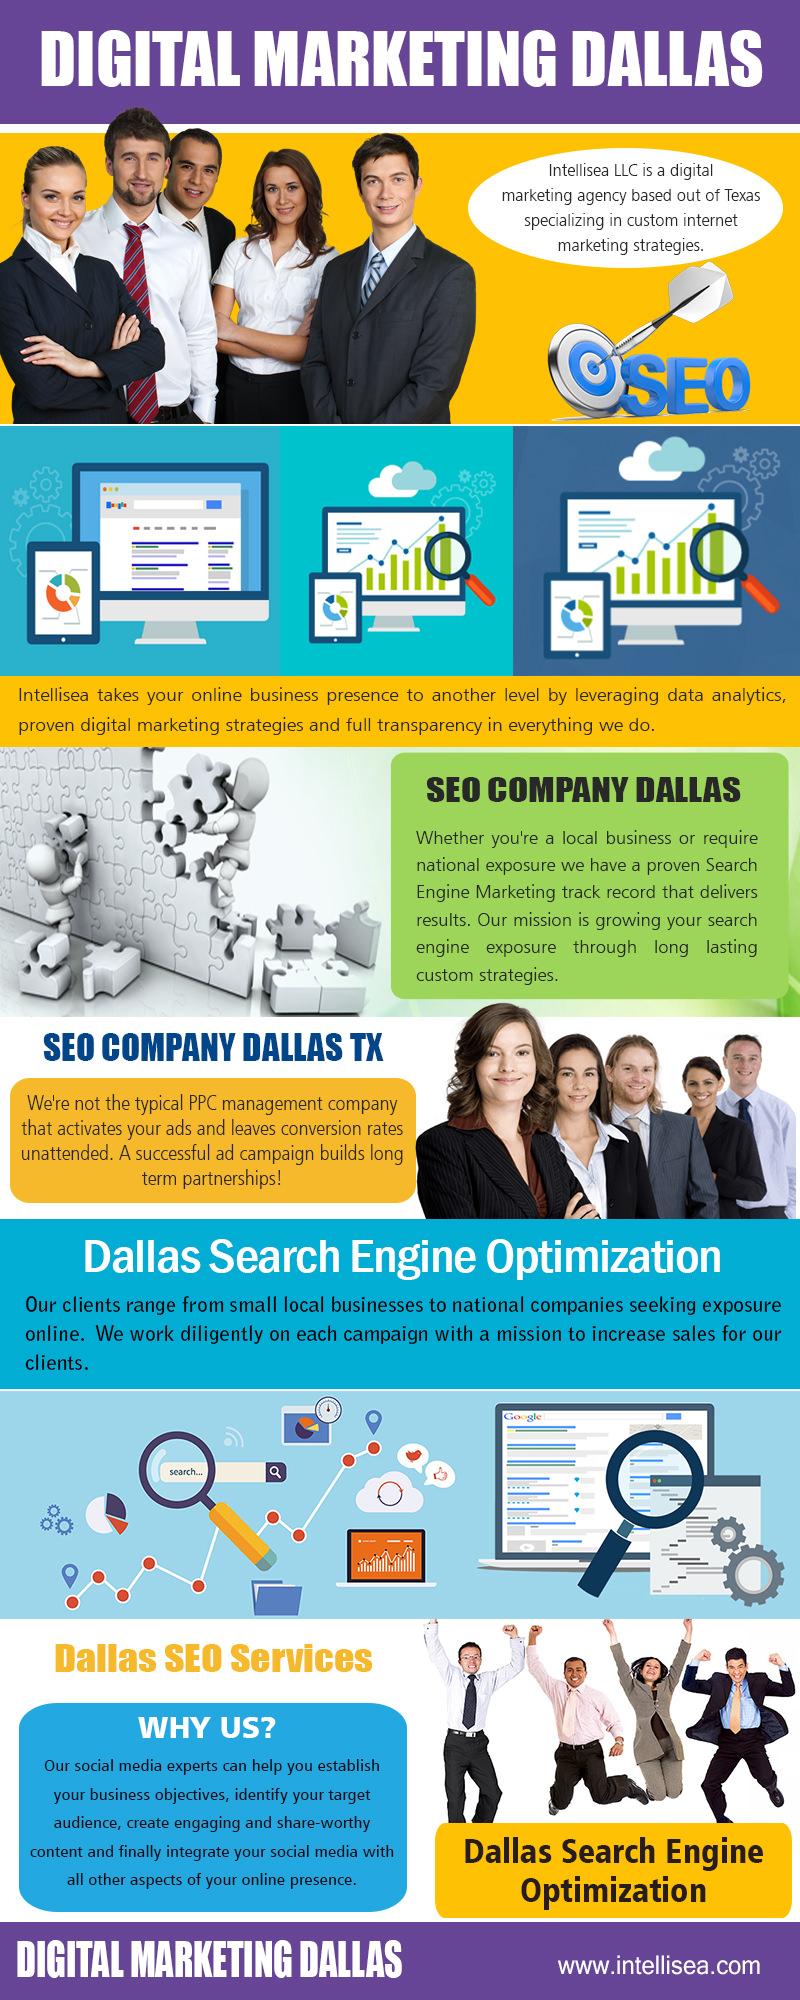 Digital Marketing Dallas